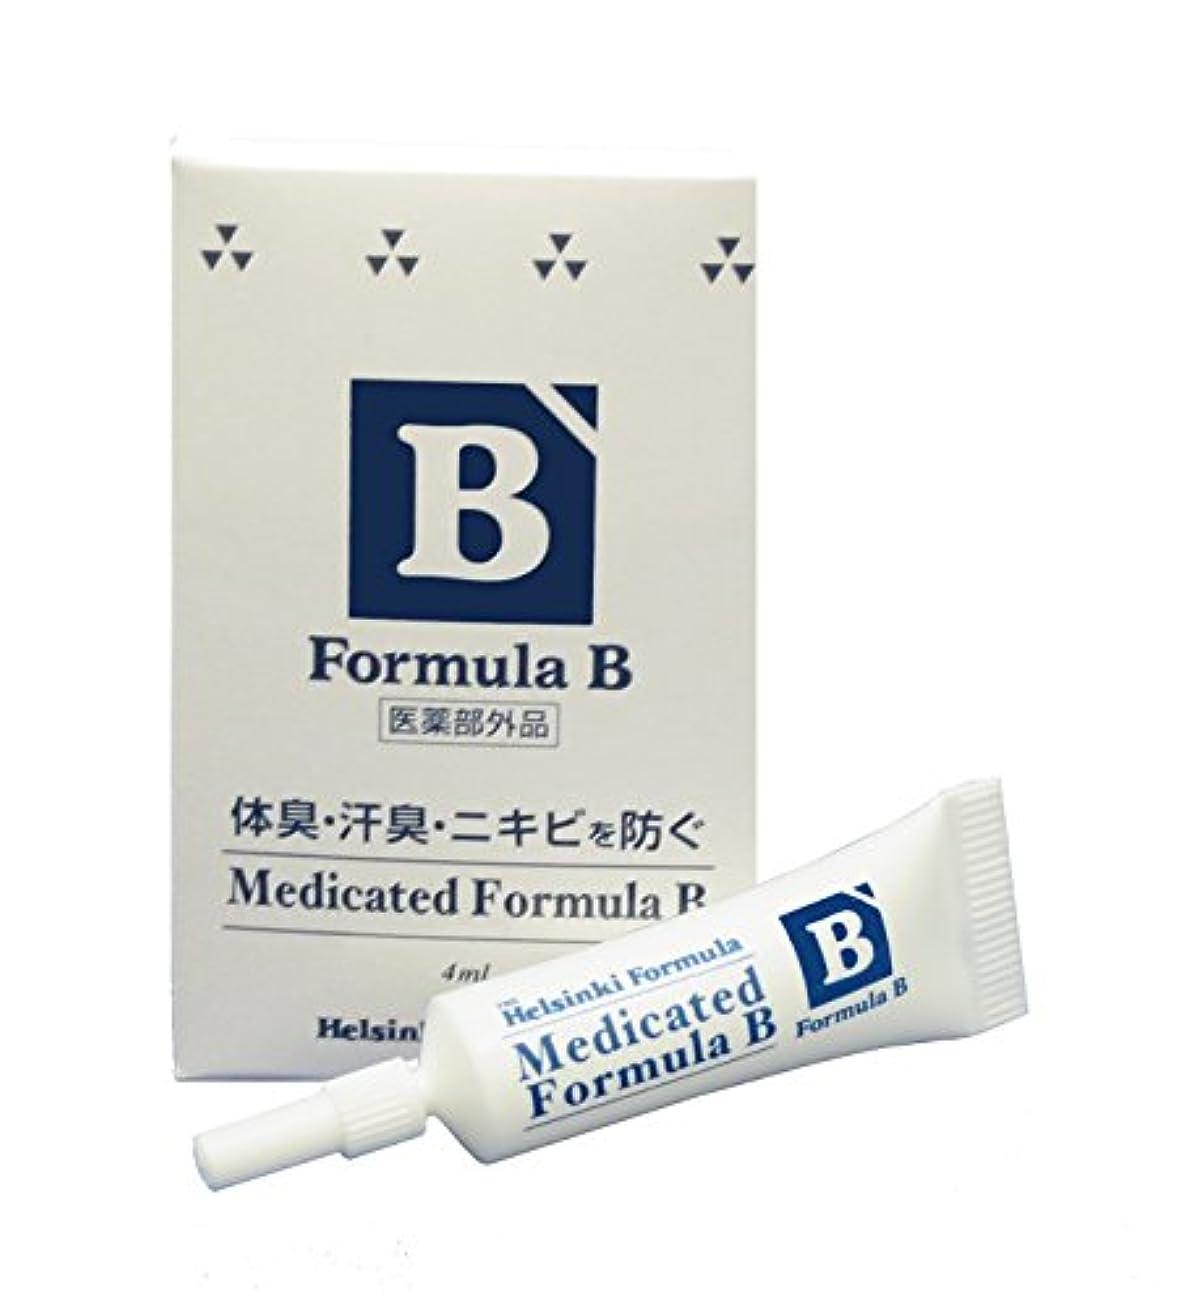 ダイヤルナラーバー比較的ヘルシンキ?フォーミュラ 薬用フォーミュラB 4ml (肌皮脂汚れ乳化剤) 【医薬部外品】